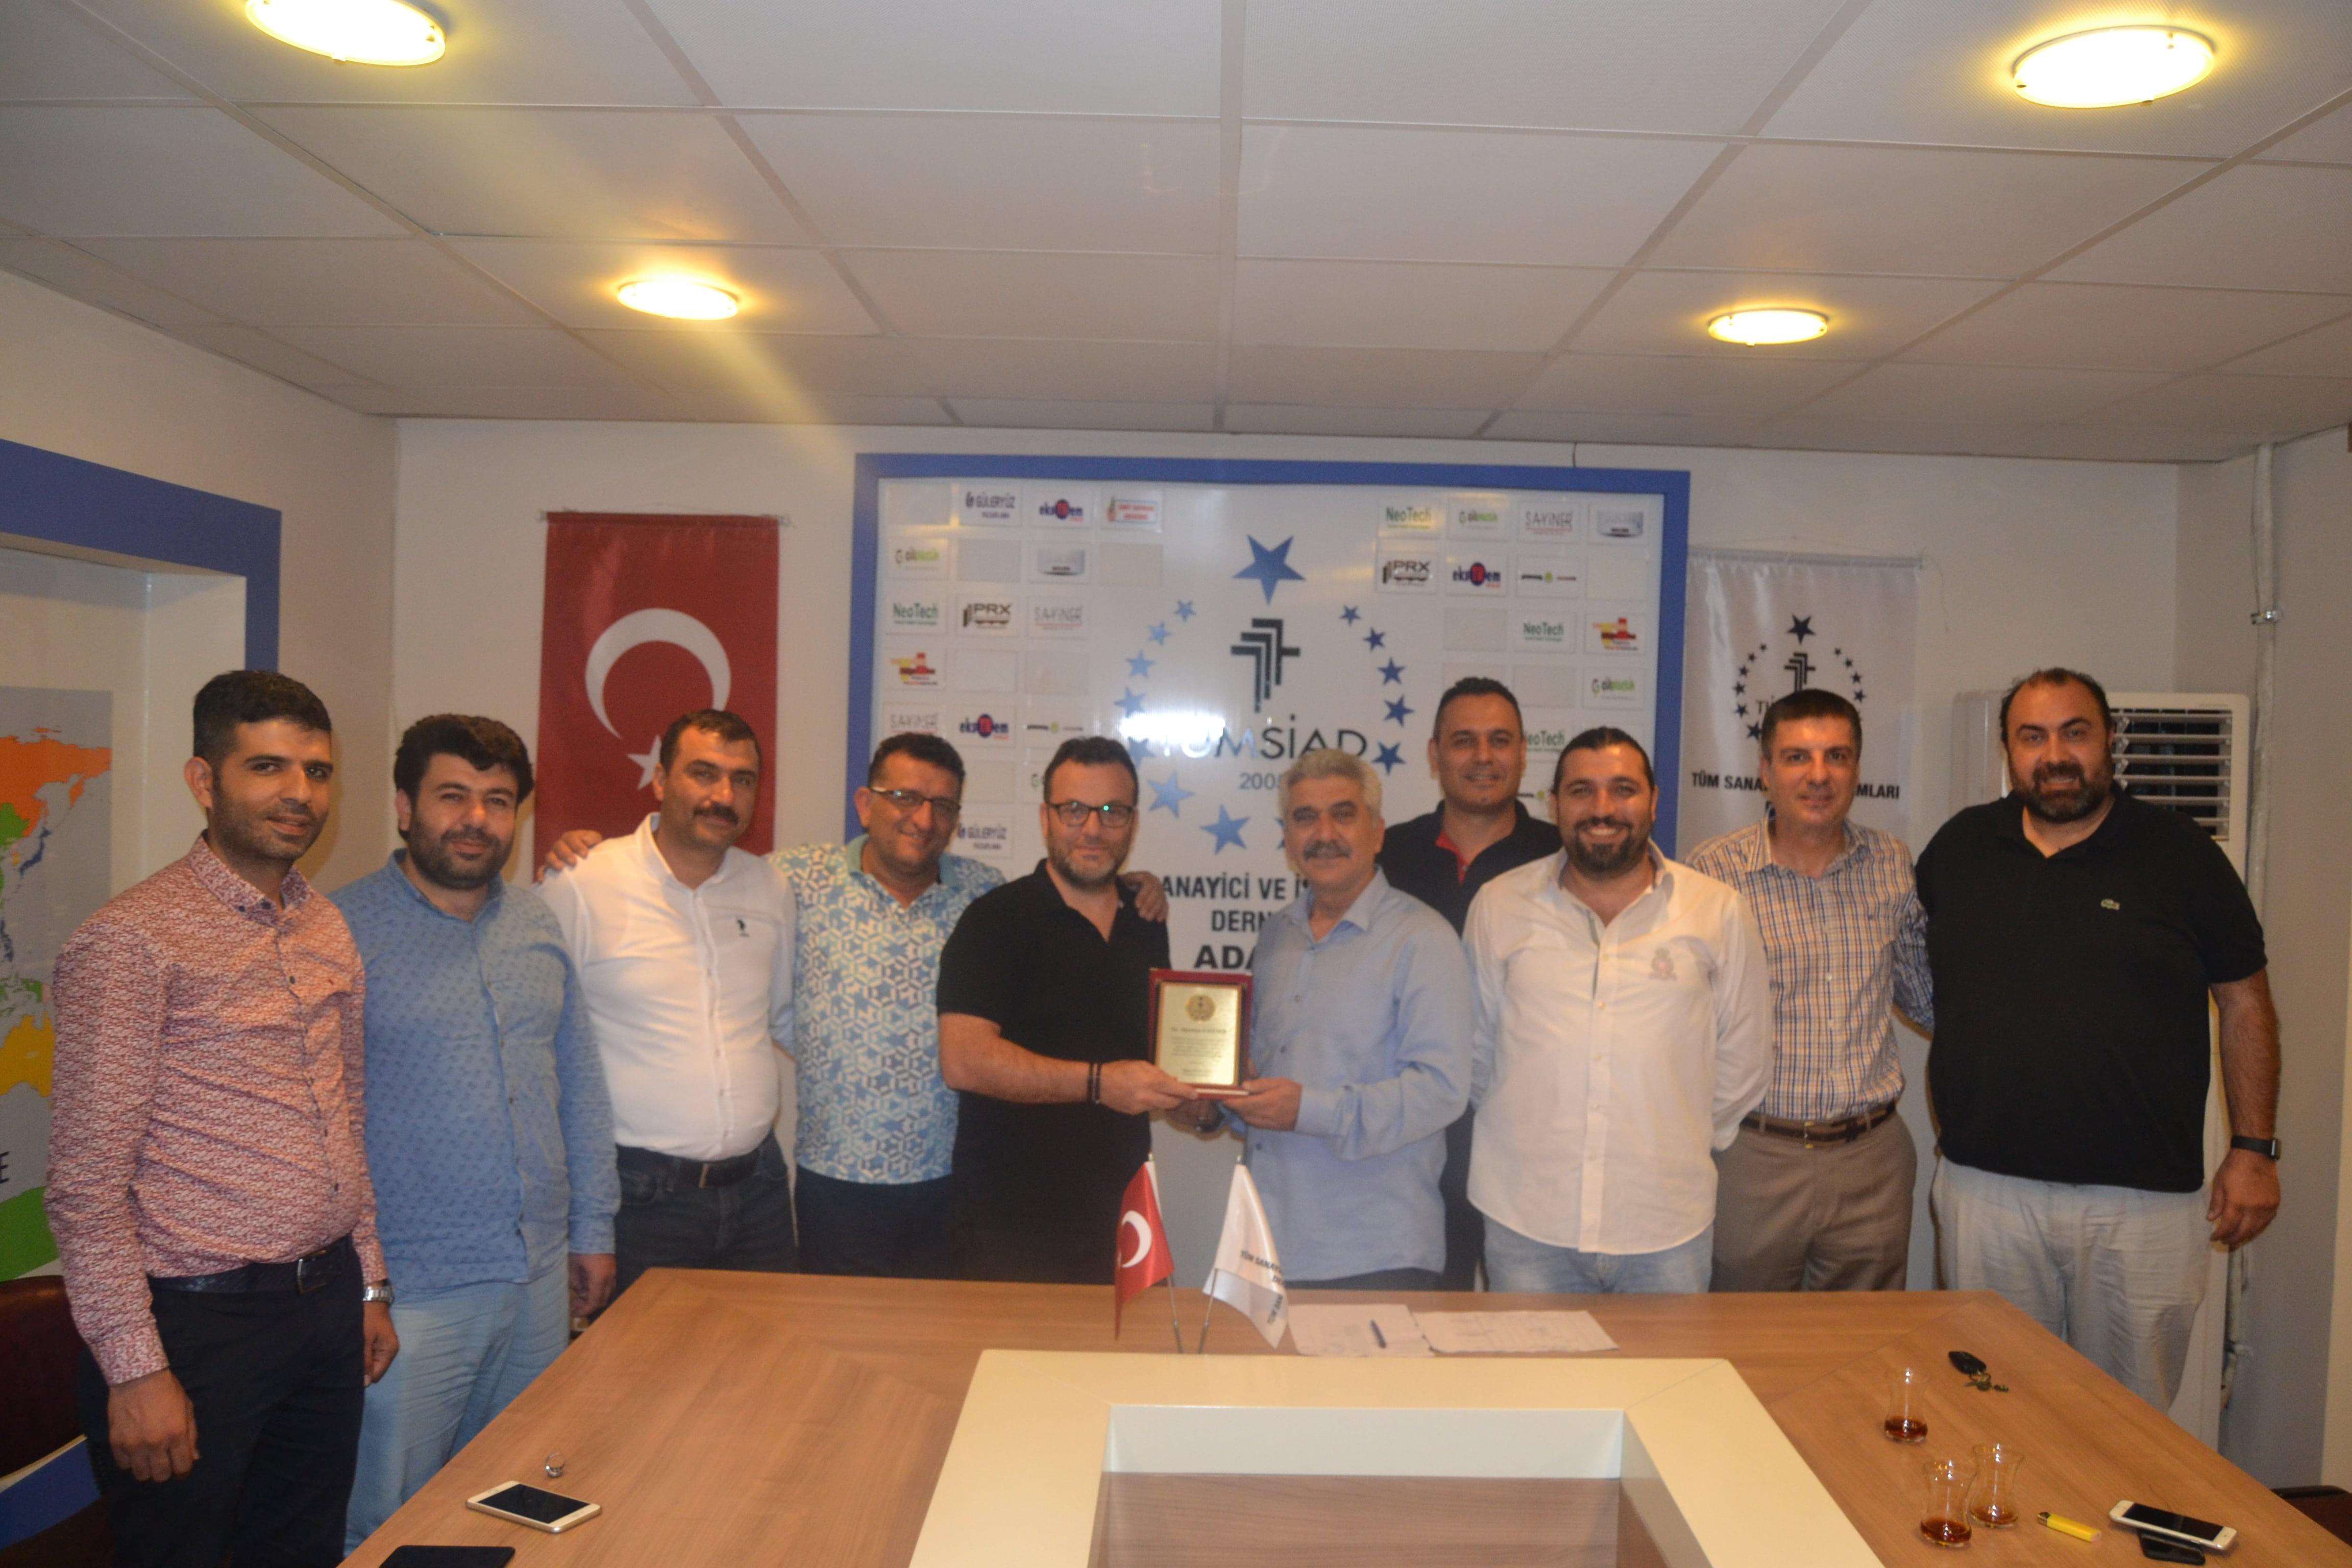 TÜMSİAD Adana Şube Başkanı Kutluca ''Ekonomik Savaştan Mutlaka Galip Çıkmalıyız''